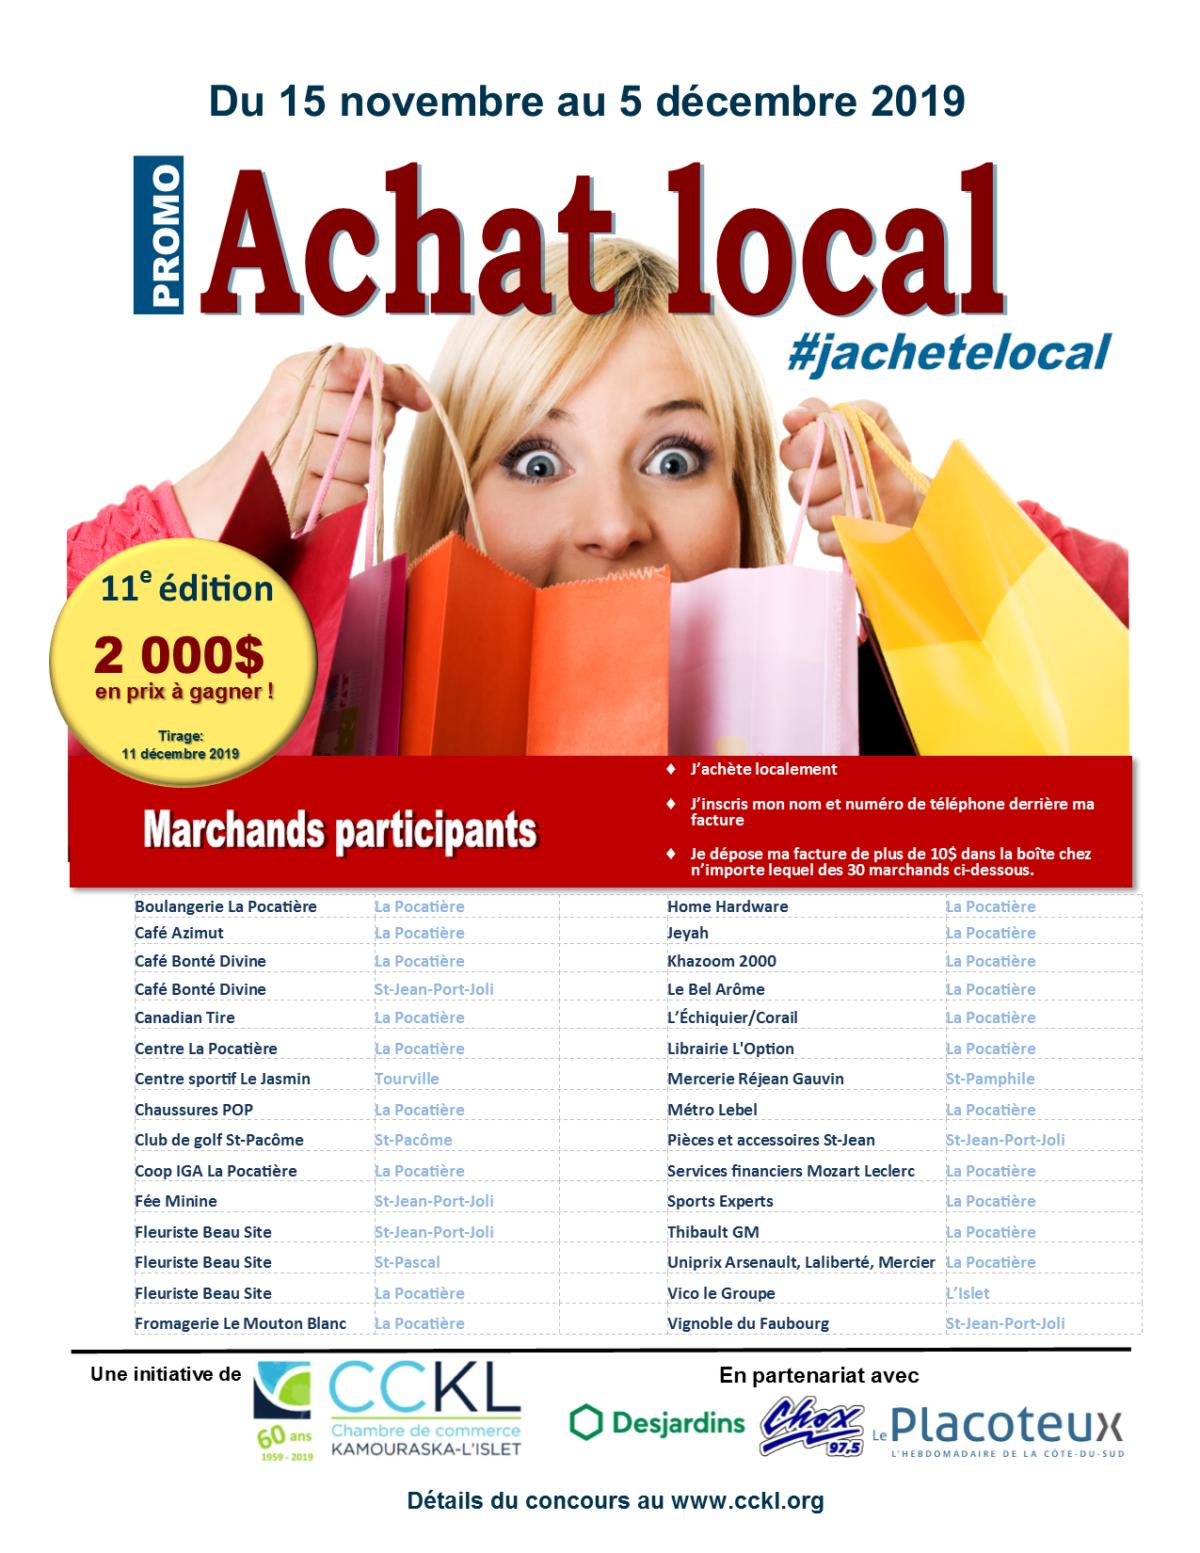 Lancement de la campagne d'achat local par la Chambre de commerce Kamouraska-L'Islet